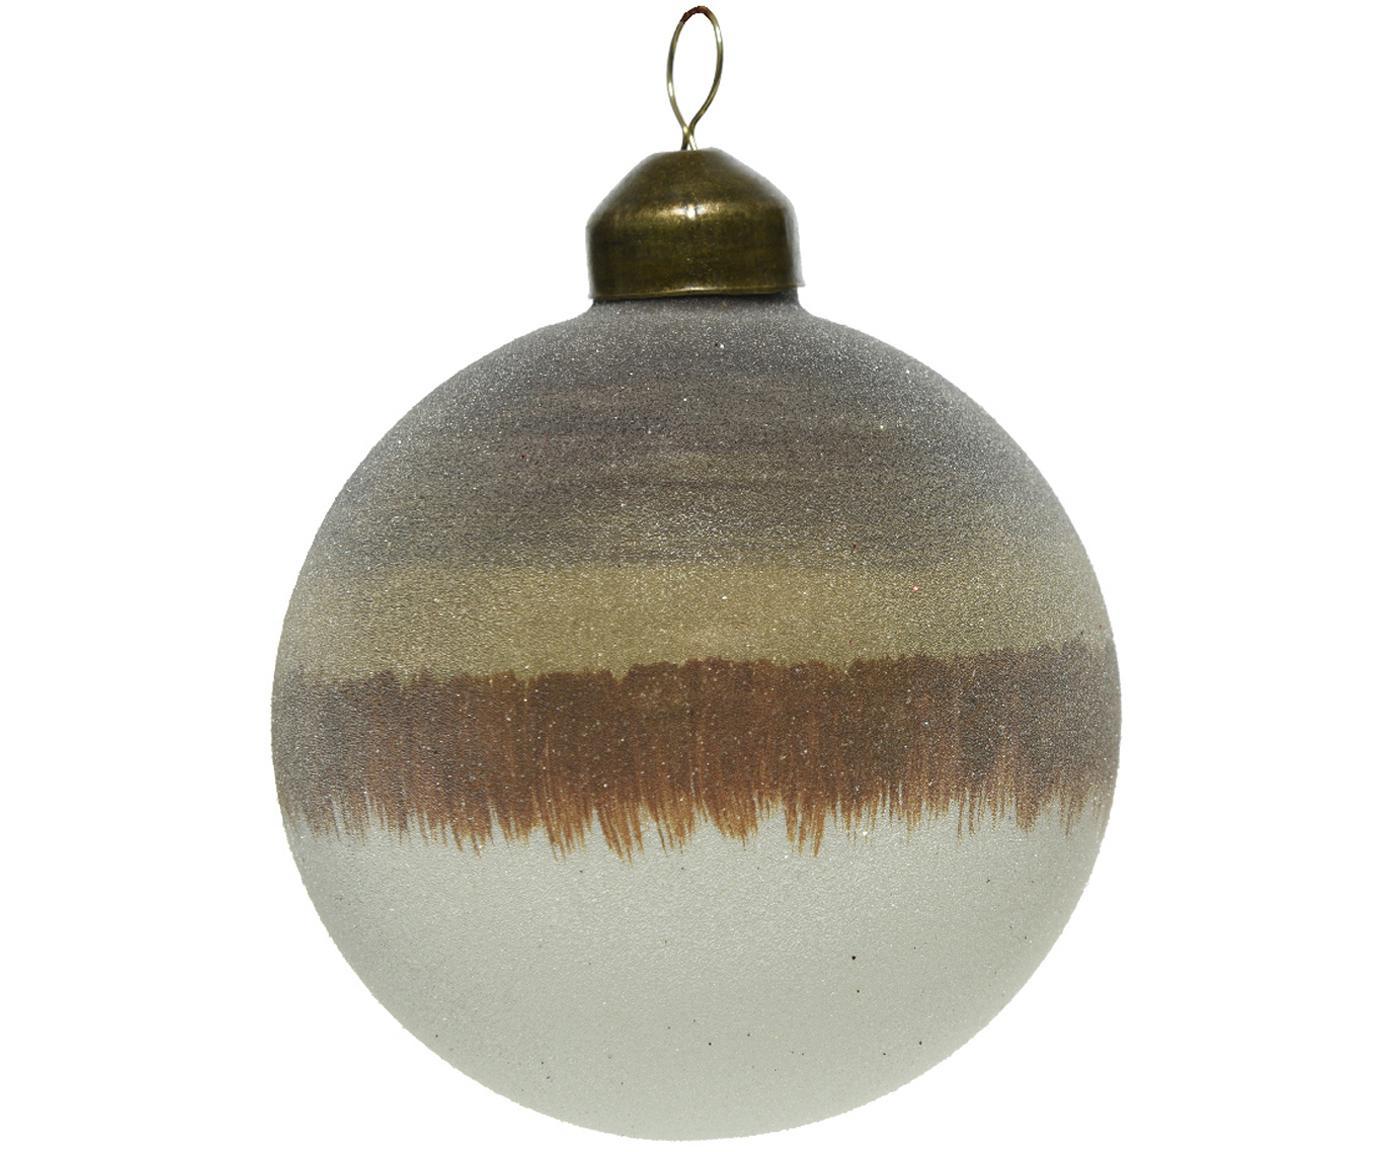 Palla di Natale Organic, 2 pz., Beige, marrone, bianco, Ø 8 cm